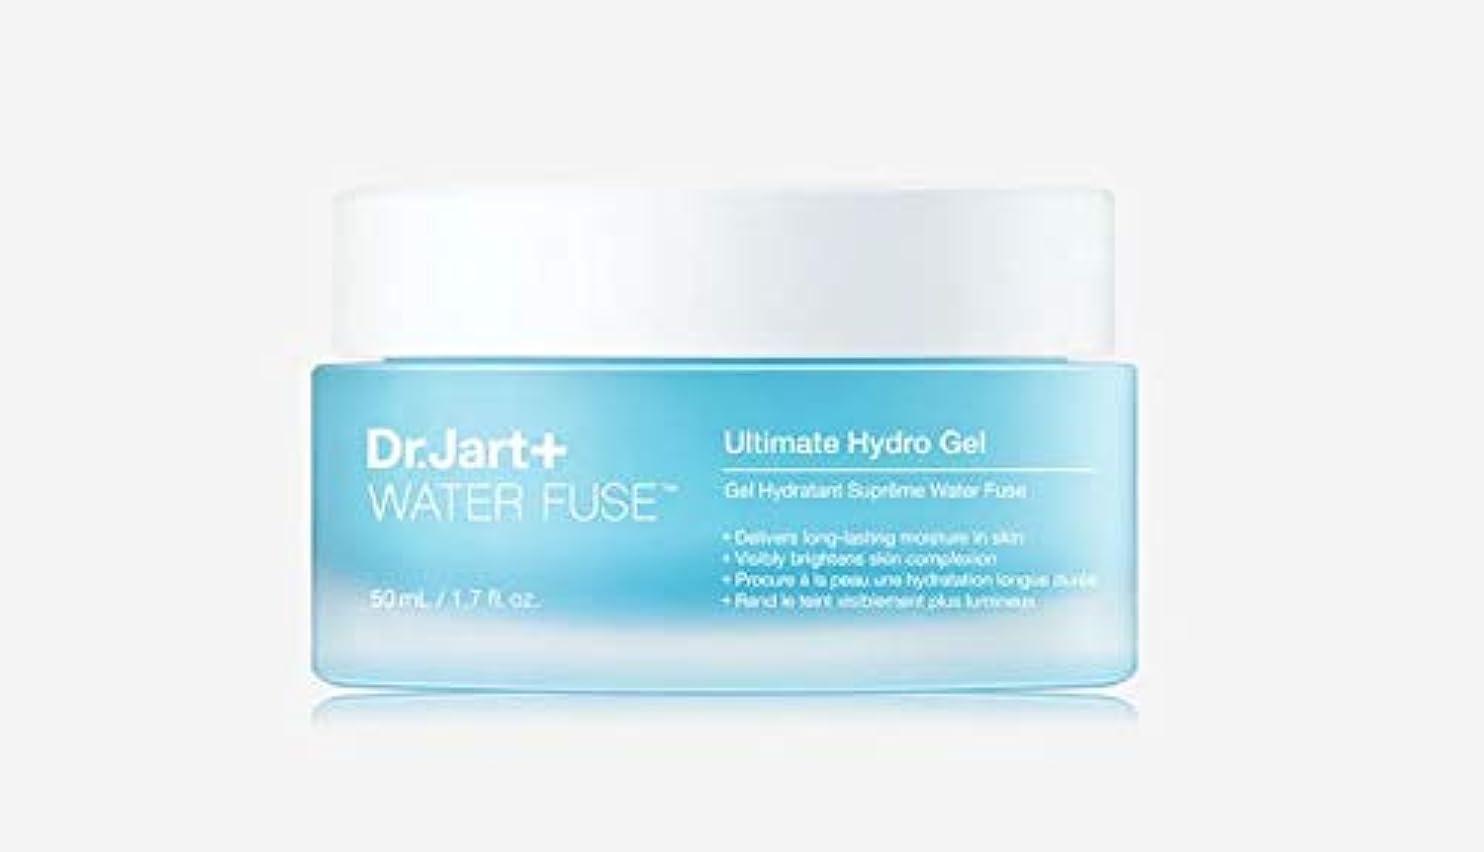 逆断言する薄暗い[Dr. Jart] Water Fuse Ultimate Hydro Gel 50ml /アルティメットハイドロジェル 50ml [並行輸入品]